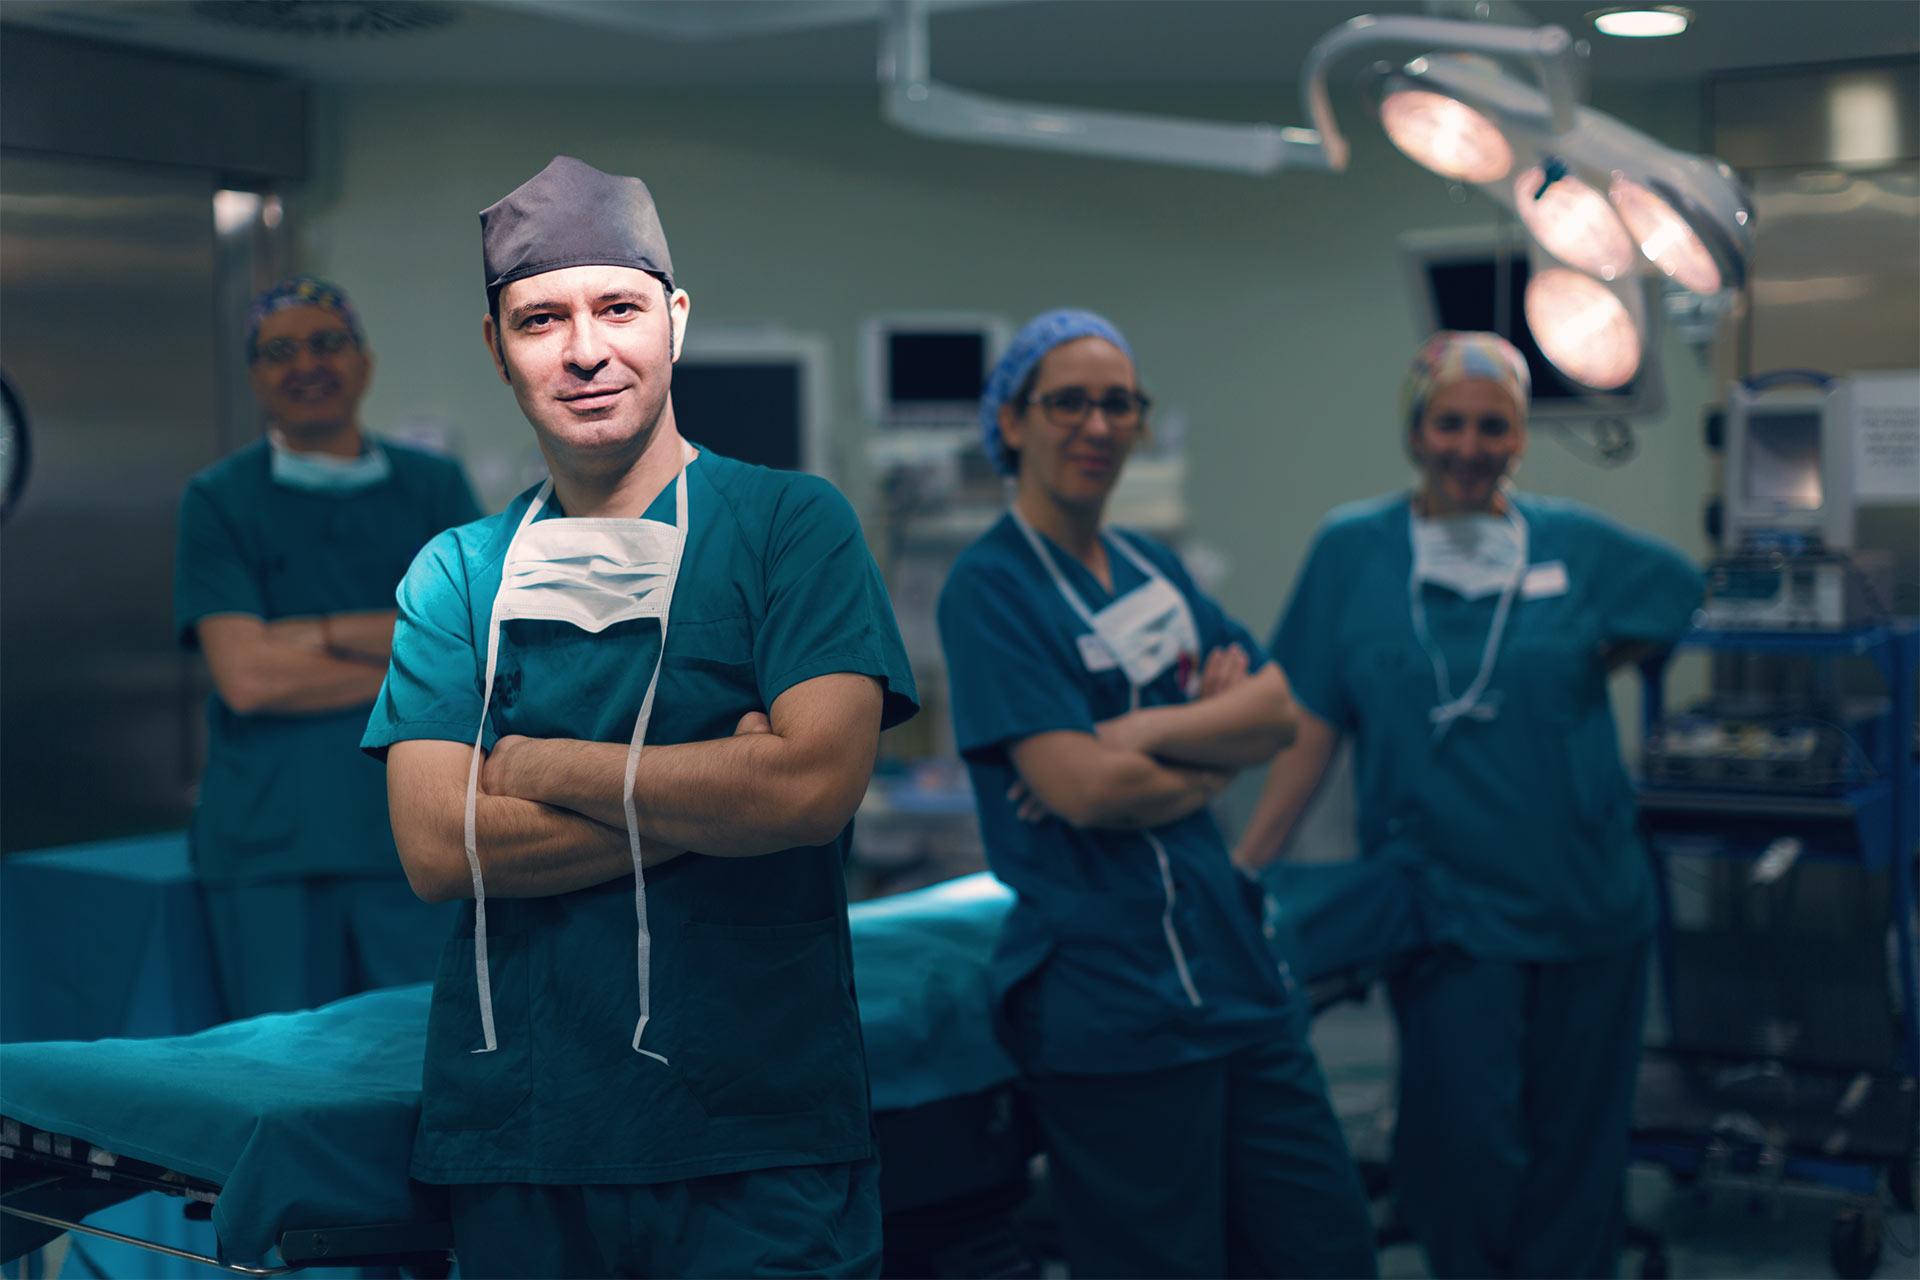 Especialista en cirugía de mano